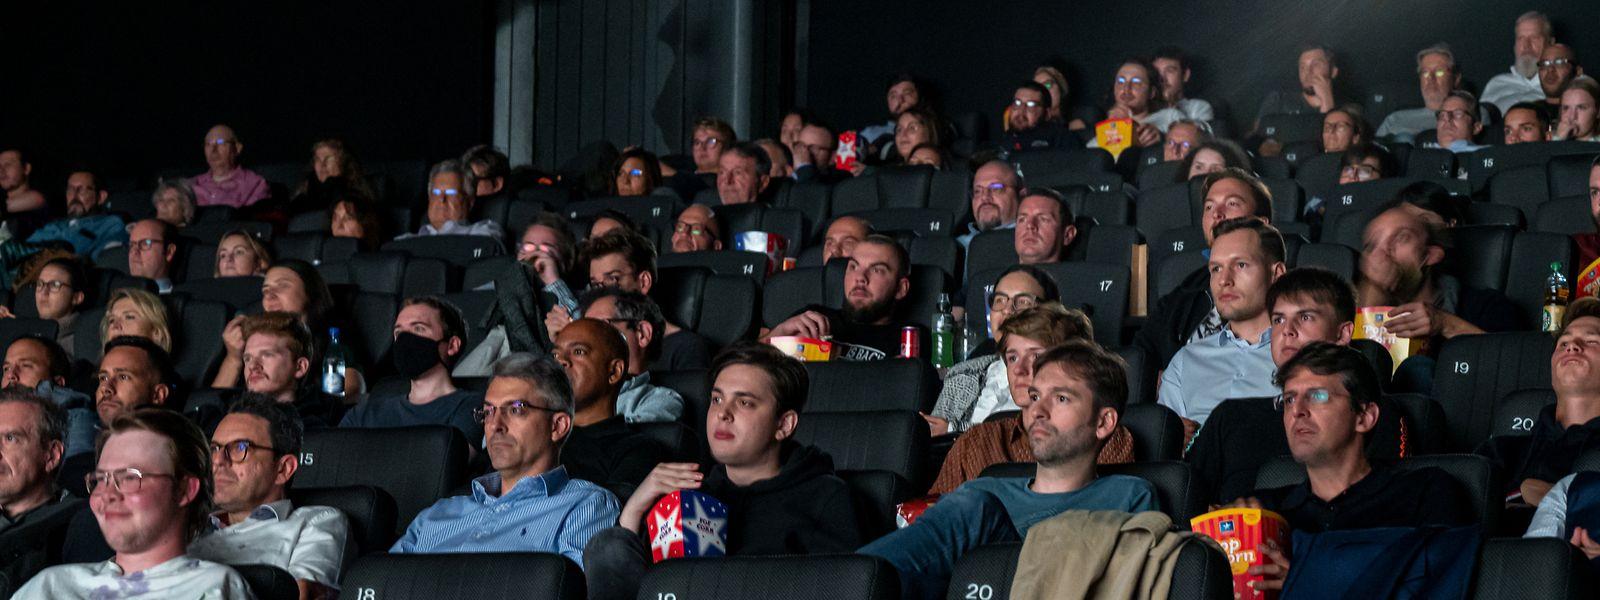 Rund 150 Zuschauer hatten das Glück, bei der Premiere des 25. und lang ersehnten neuen James-Bond-Films mit dabei sein zu dürfen.